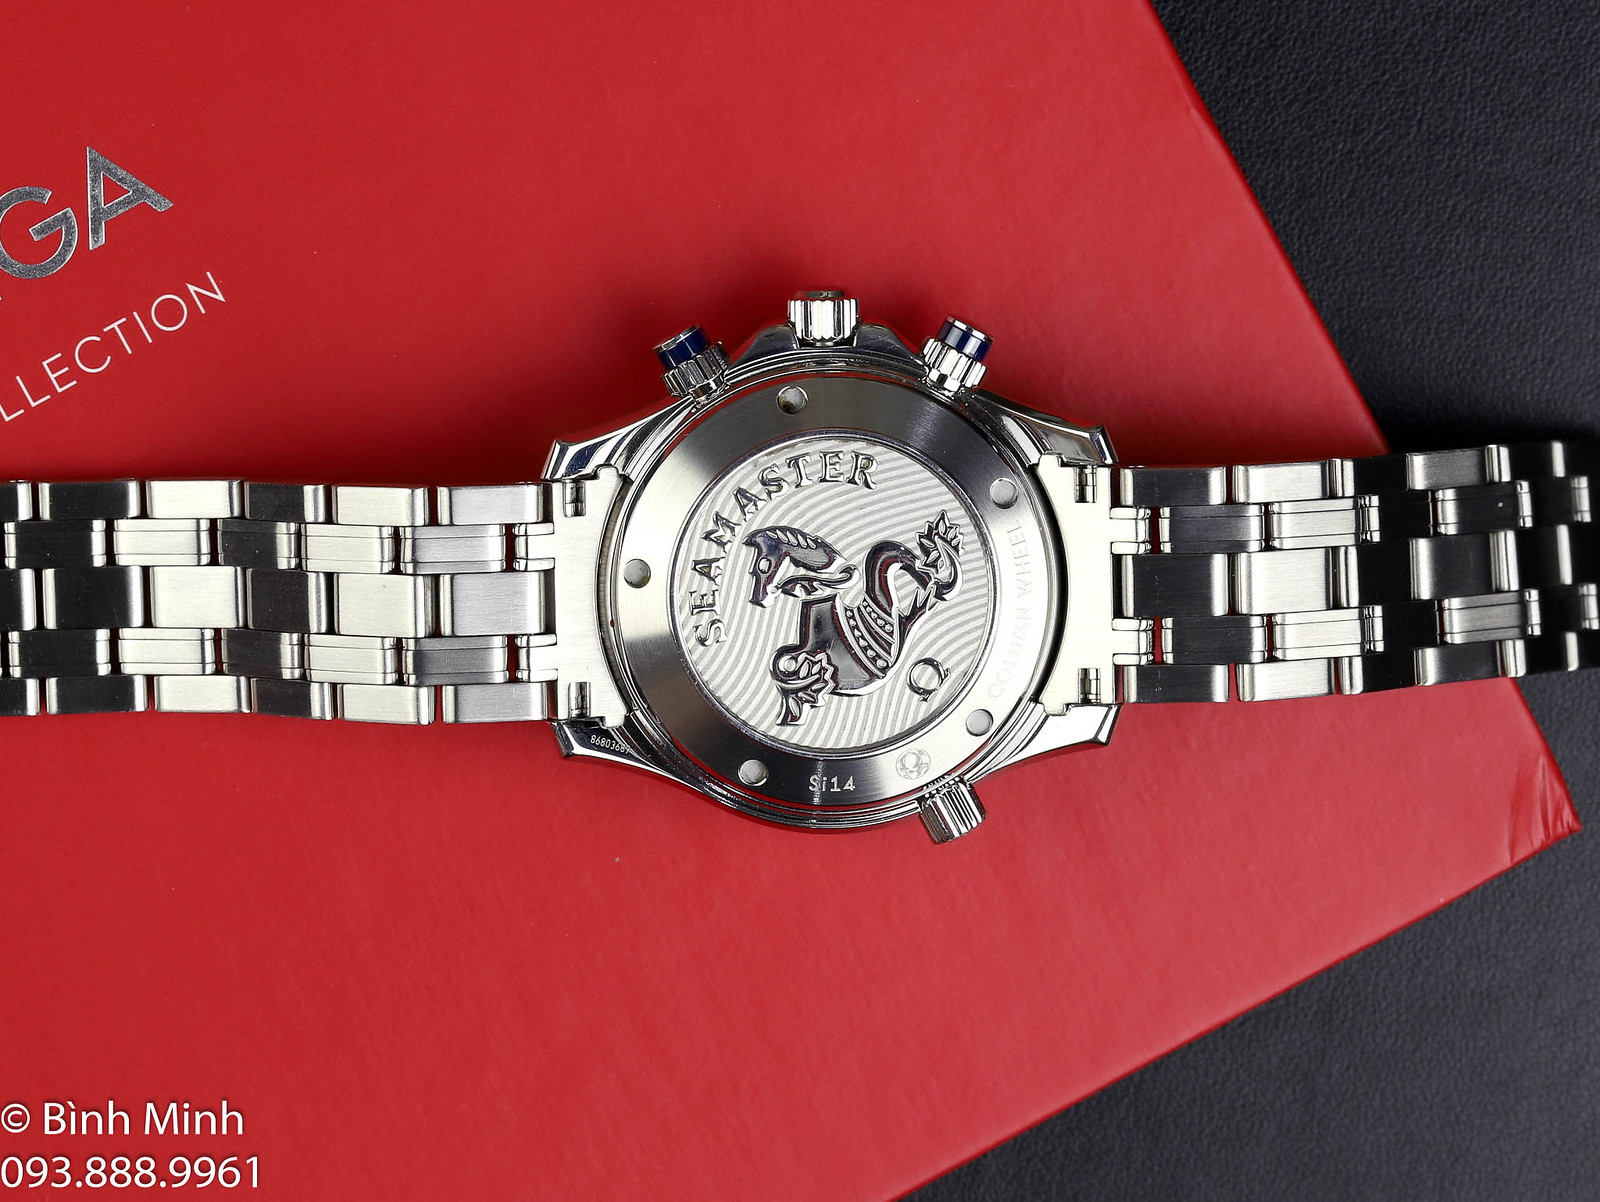 Đồng hồ Omega Seamaster Pro 300 Chronograph niềng Ceramic, mới 95% đủ hộp, sổ. Giá siêu tốt